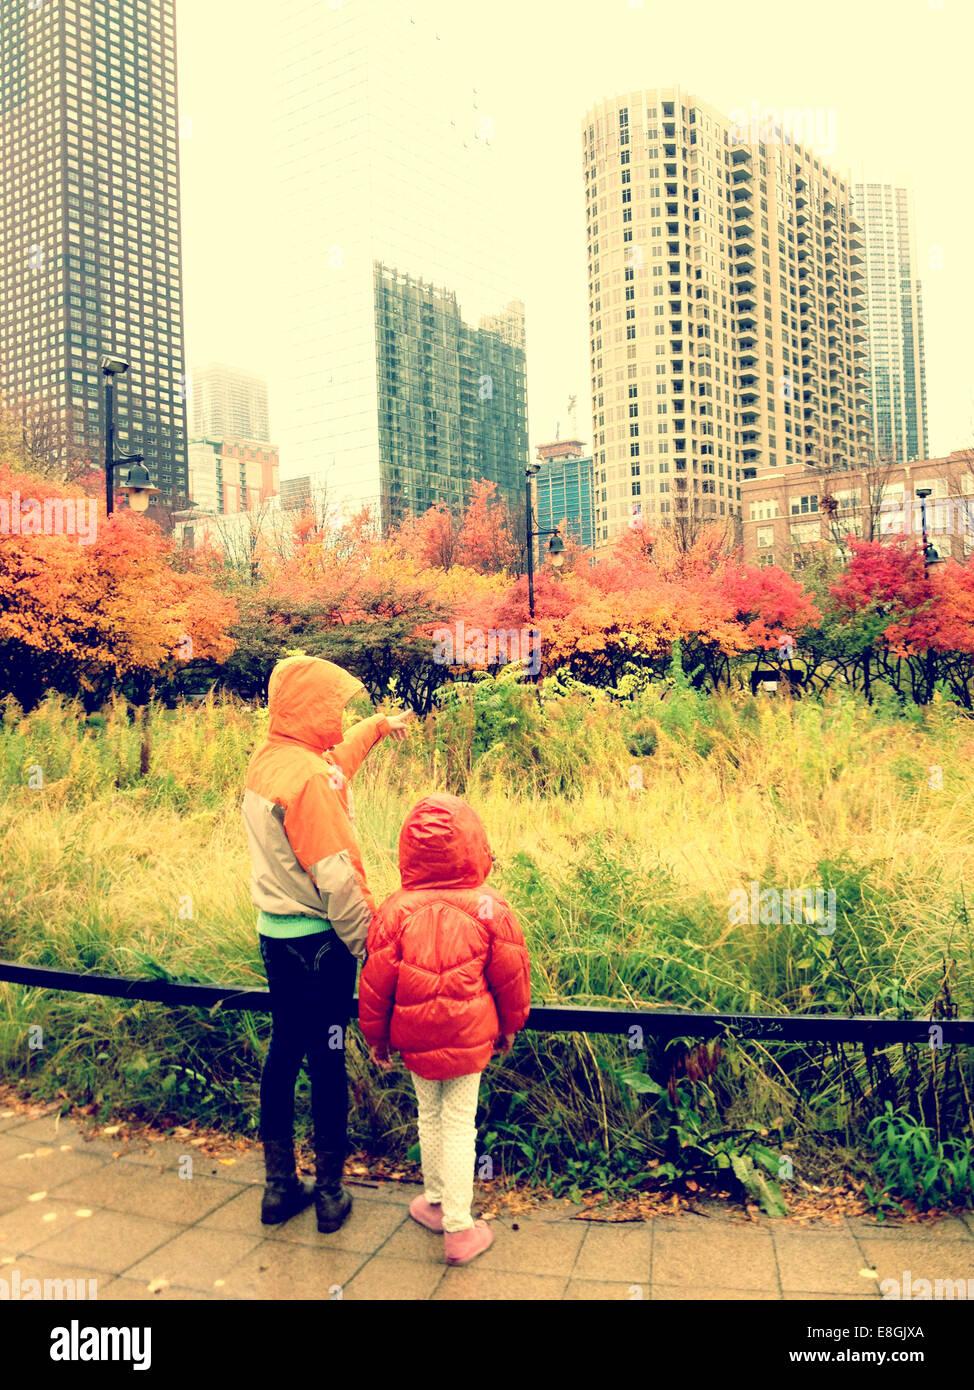 Vue arrière des deux soeurs standing in park, Chicago, Illinois, États-Unis d'Amérique Photo Stock